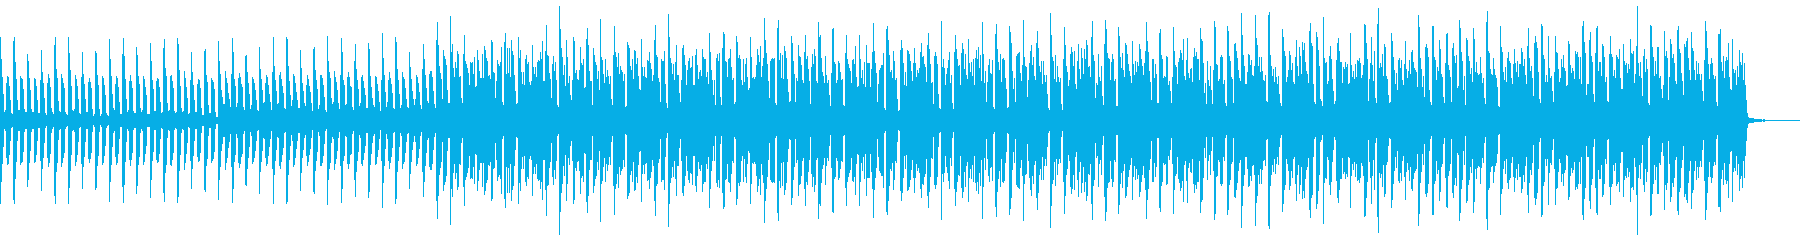 琴 切ない 和風4つ打ちBGMの再生済みの波形